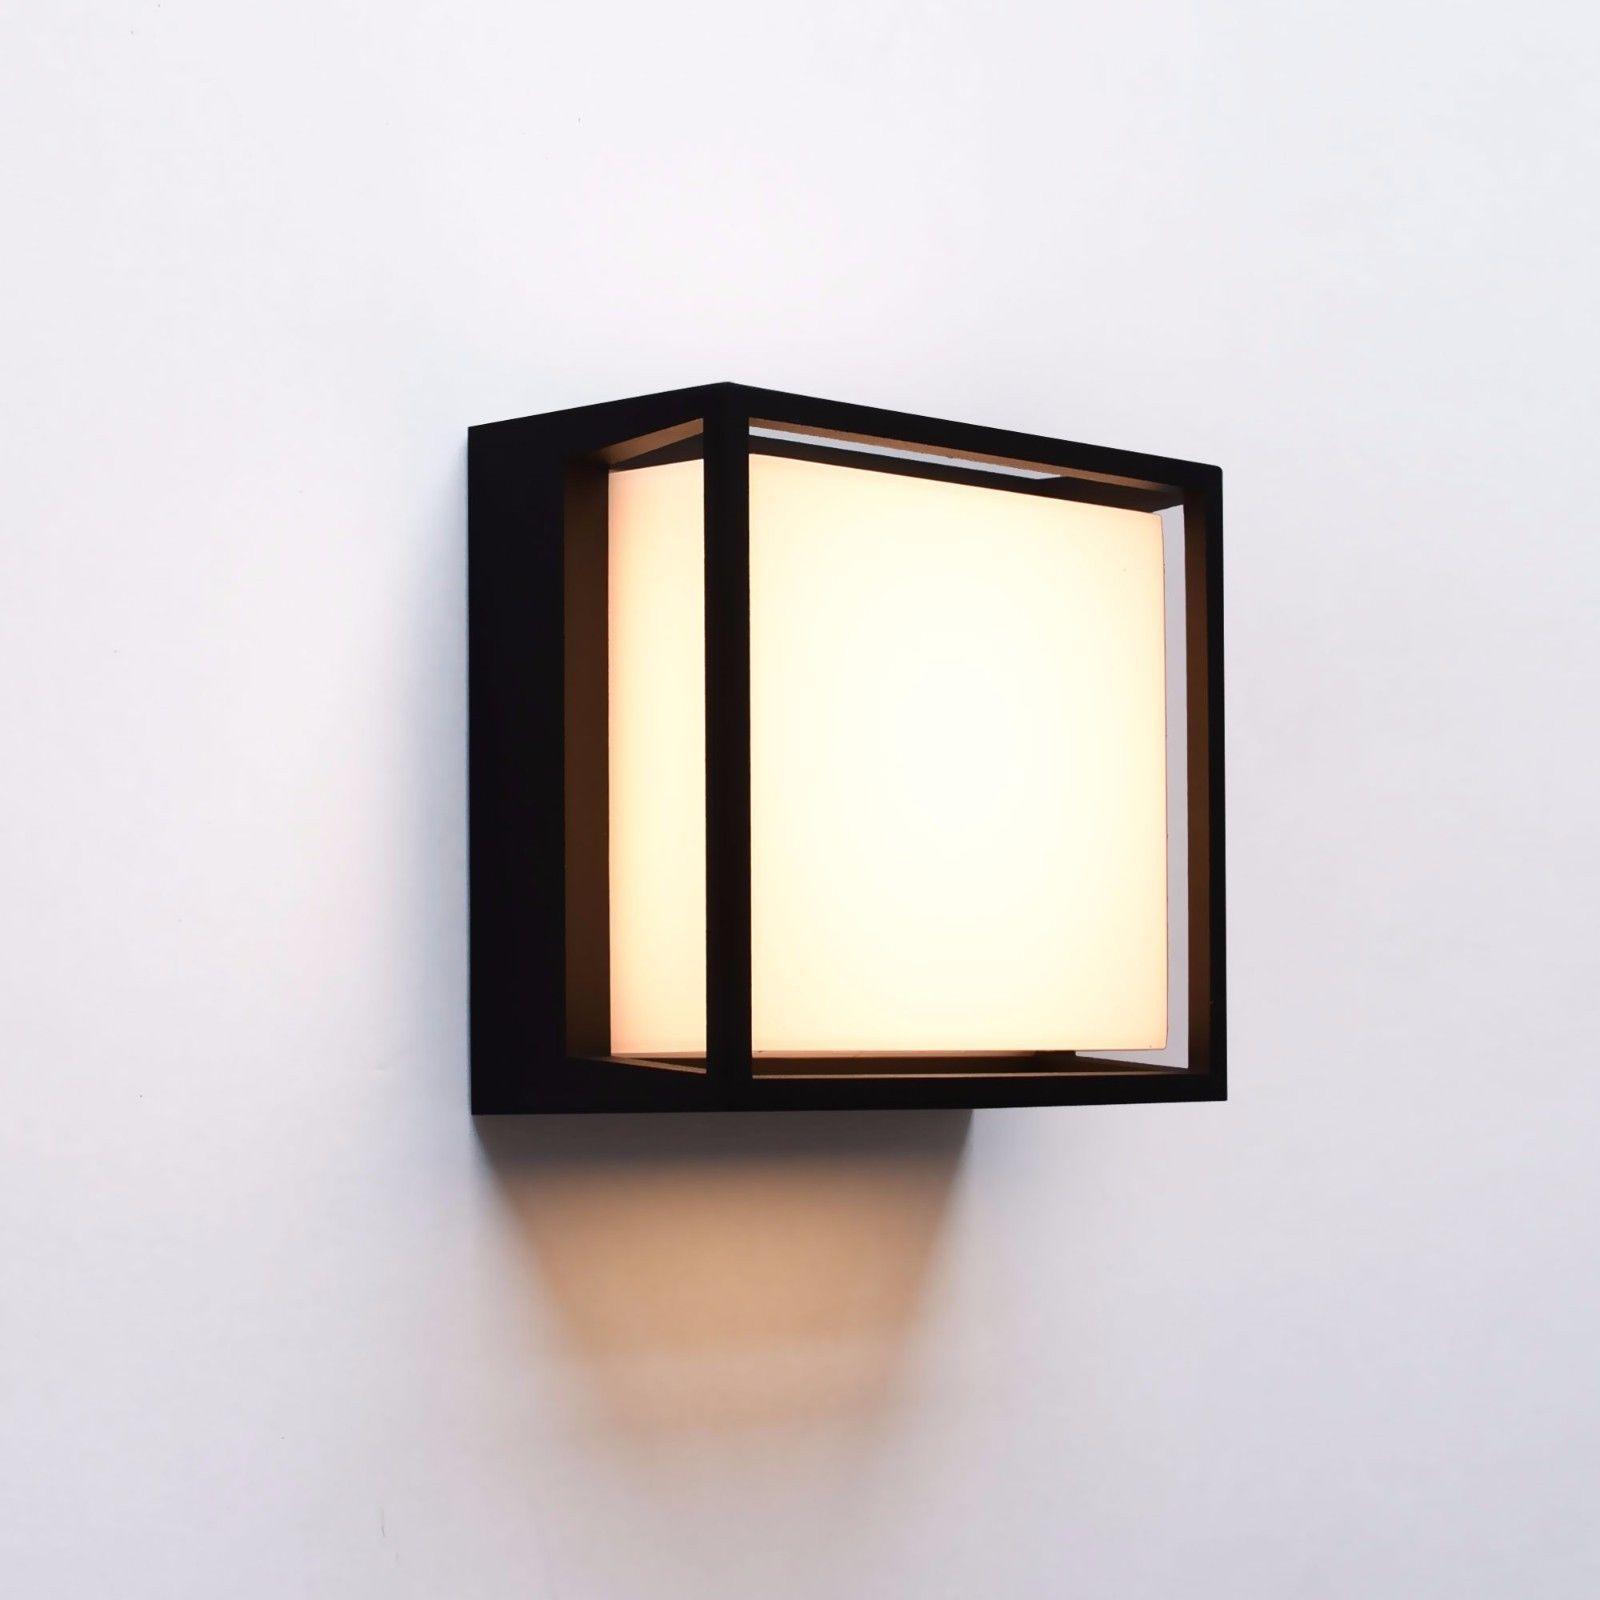 Maxkomfort Led Außenleuchte Wandleuchte Außenlampe Schwarz